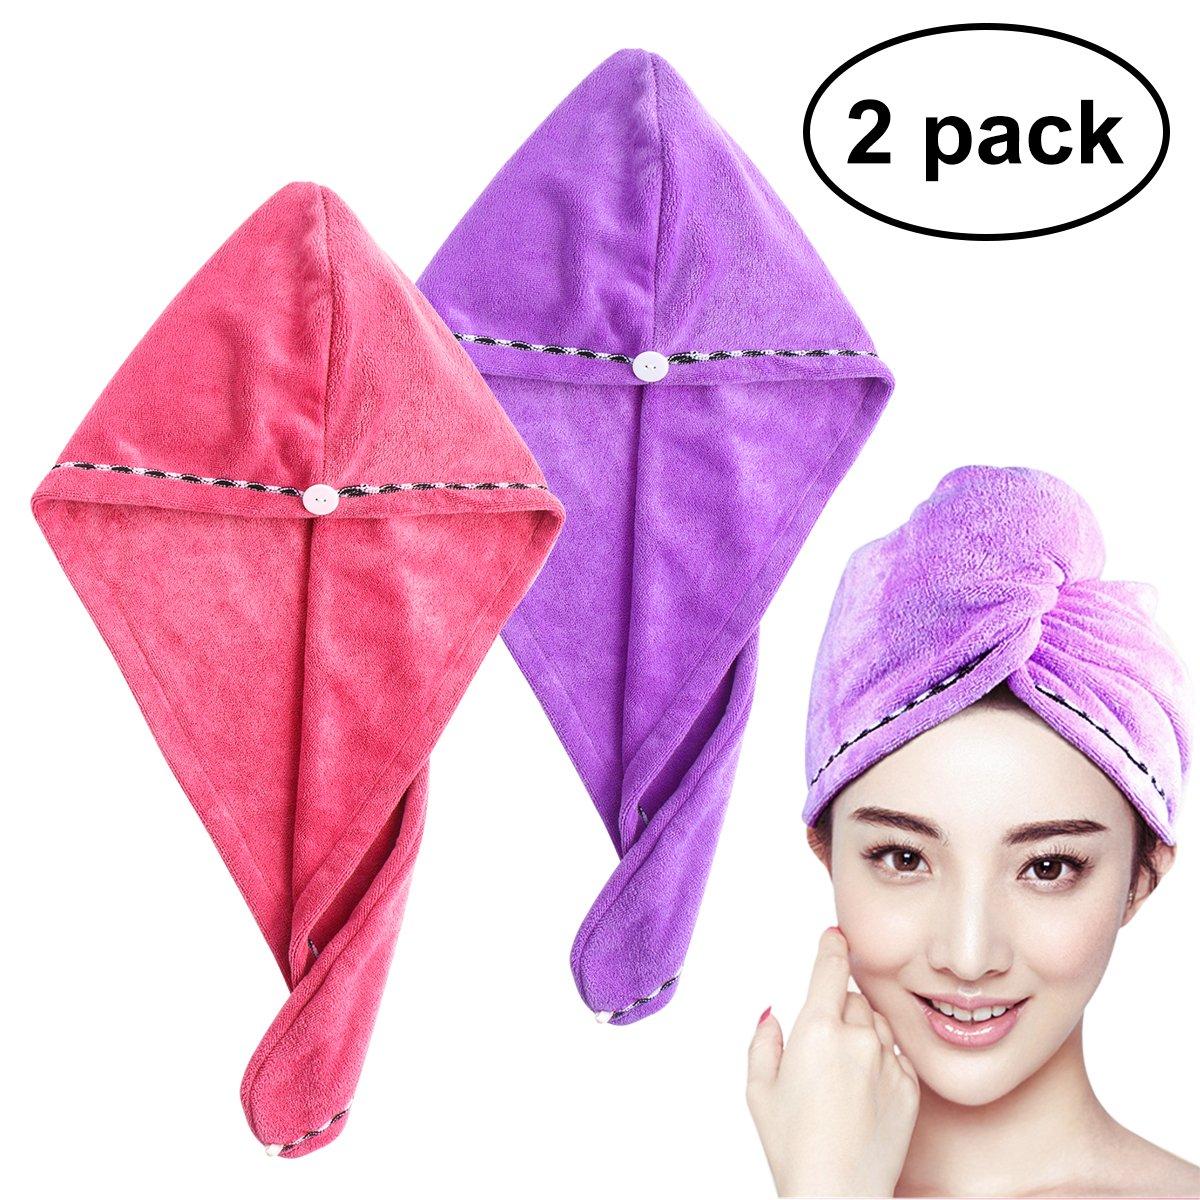 Frcolor Toalla de secado del cabello ultra absorbente de agua torcedura pelo turban abrigo de pelo de secado (2pcs rosa púrpura)